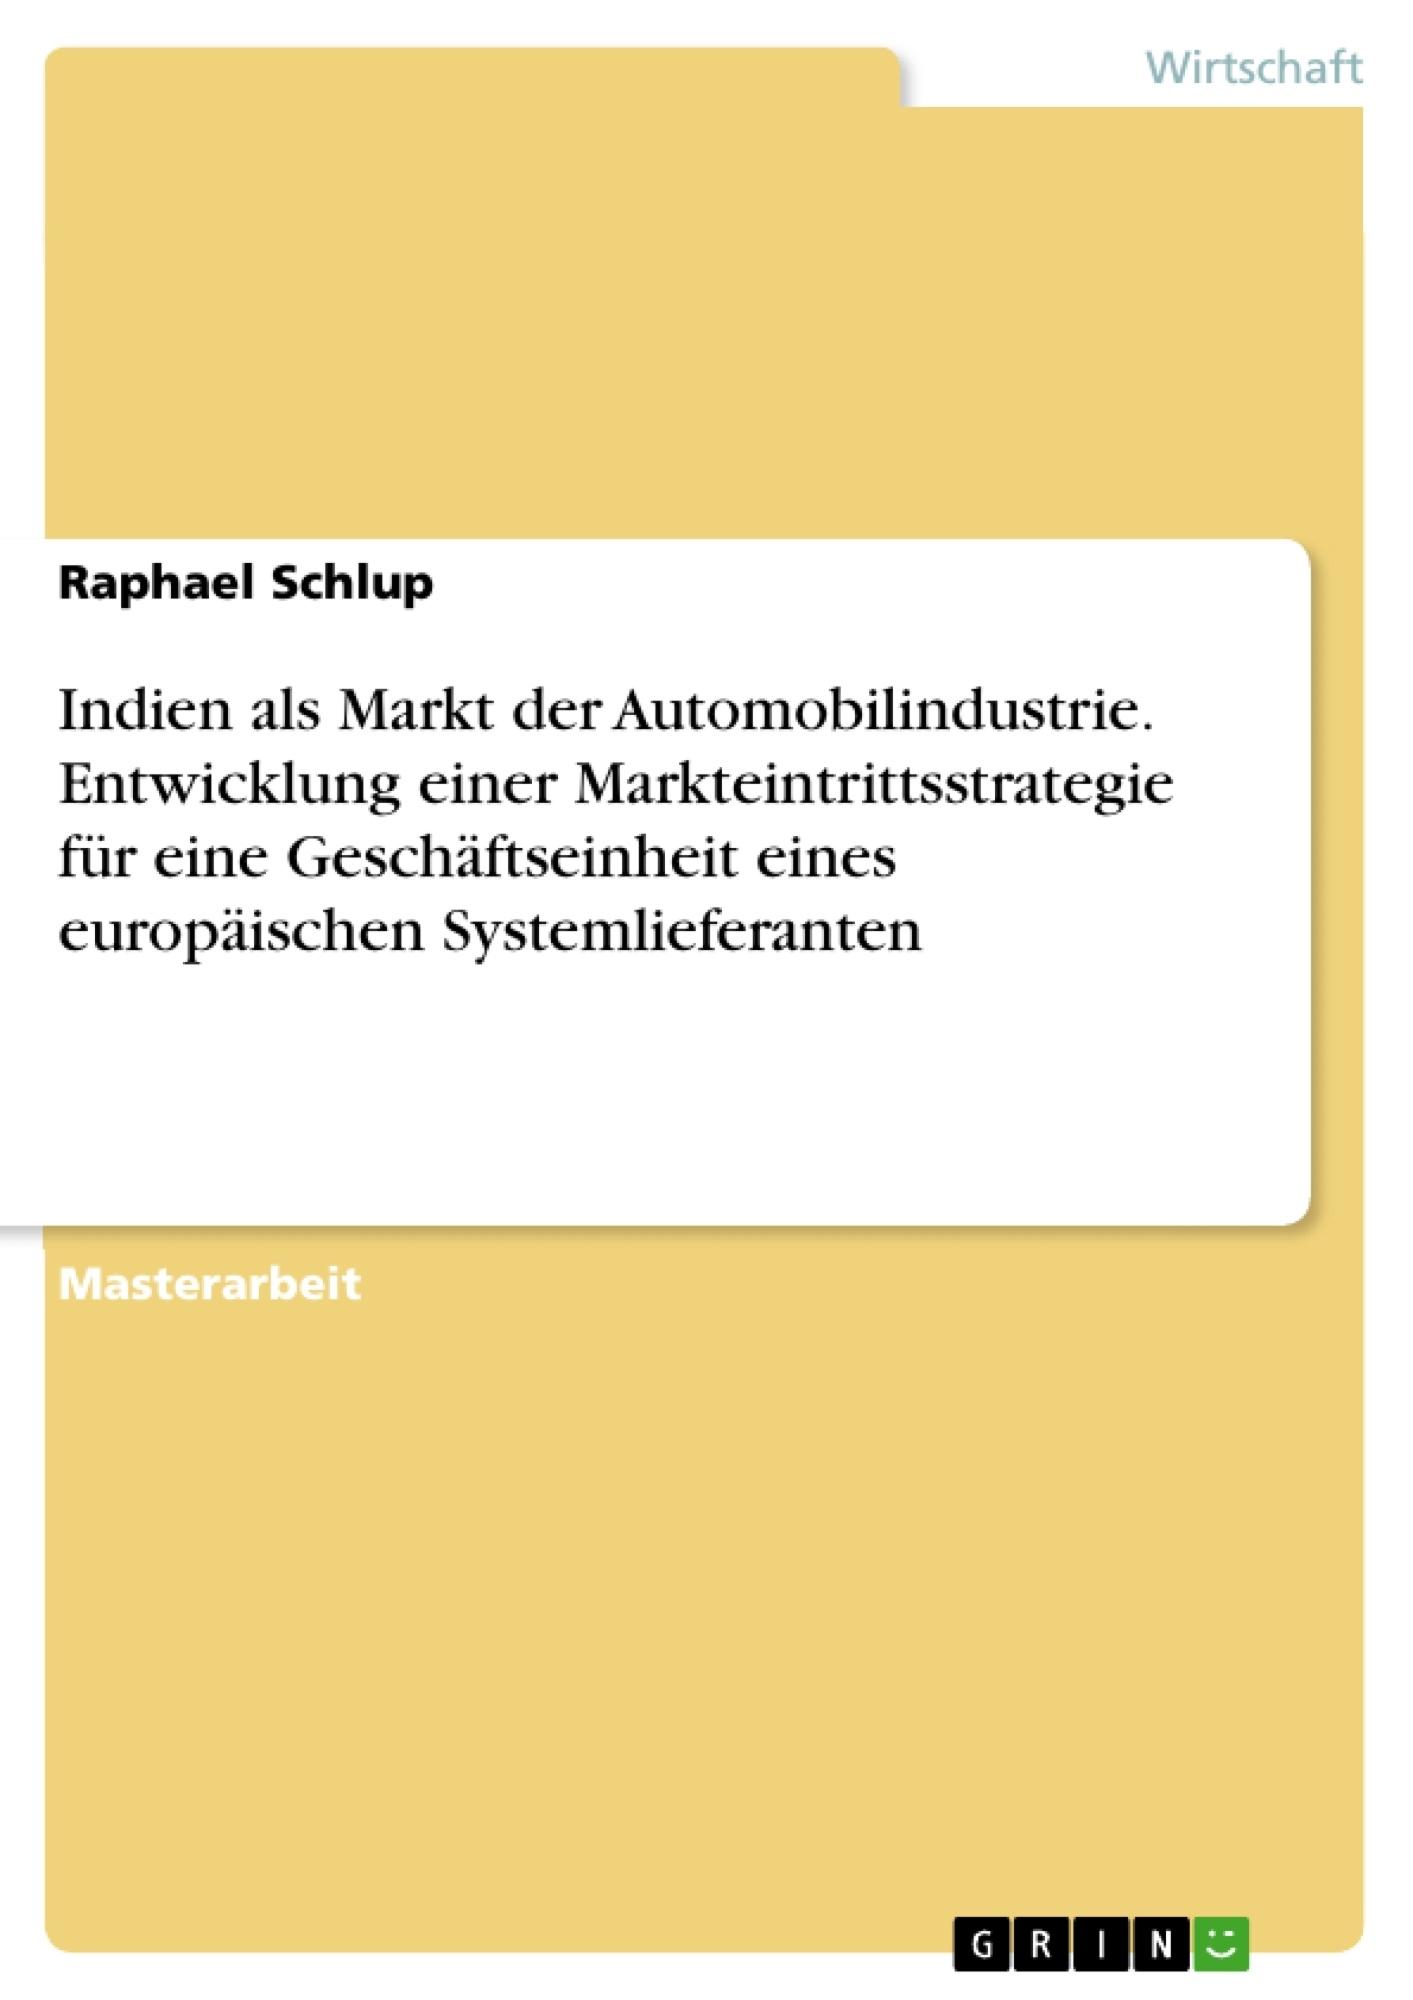 Titel: Indien als Markt der Automobilindustrie. Entwicklung einer Markteintrittsstrategie für eine Geschäftseinheit eines europäischen Systemlieferanten